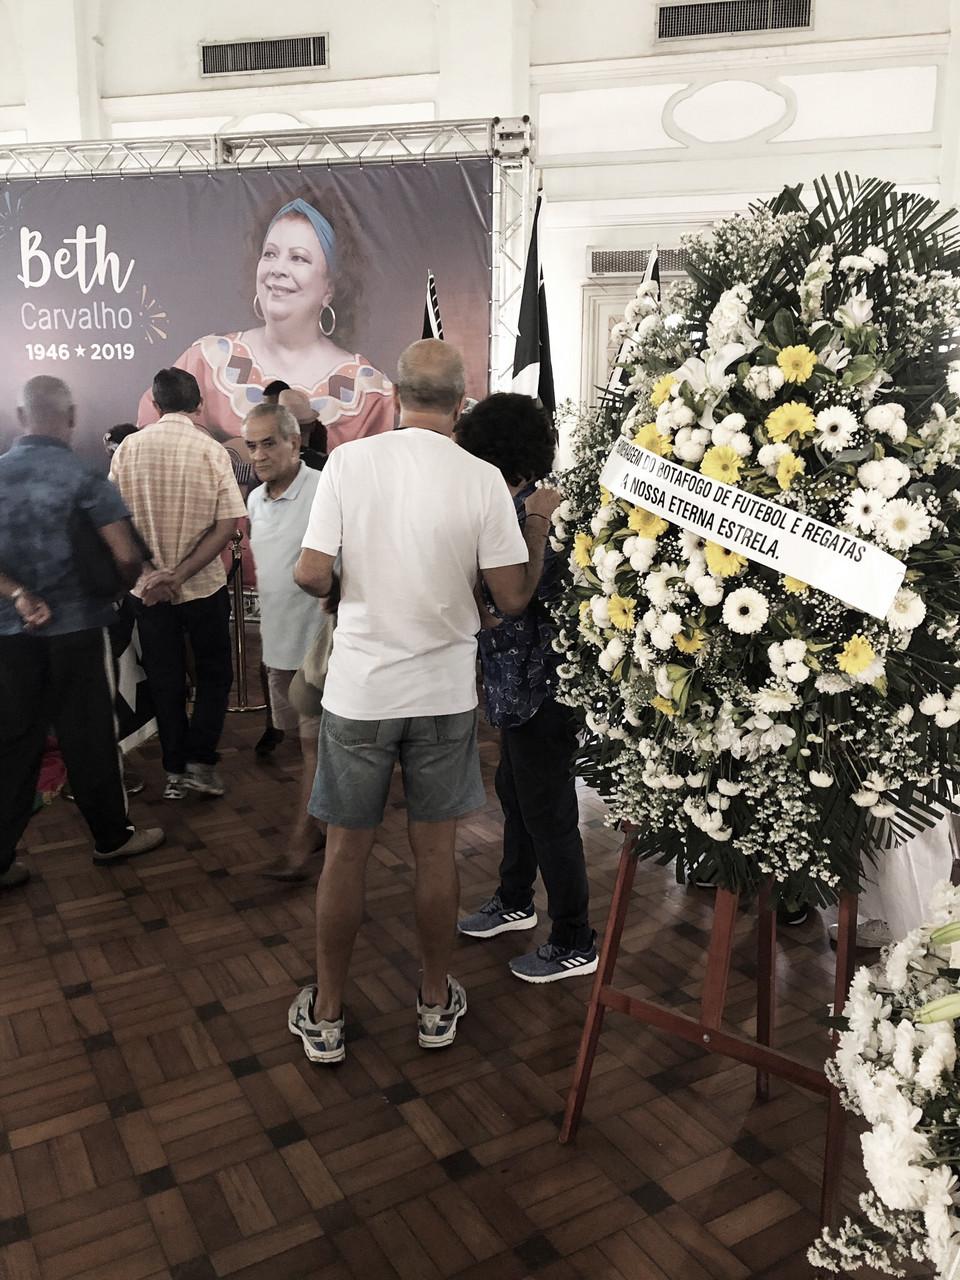 Alvinegra Beth Carvalho será homenageada antes da partida entre Botafogo e Bahia